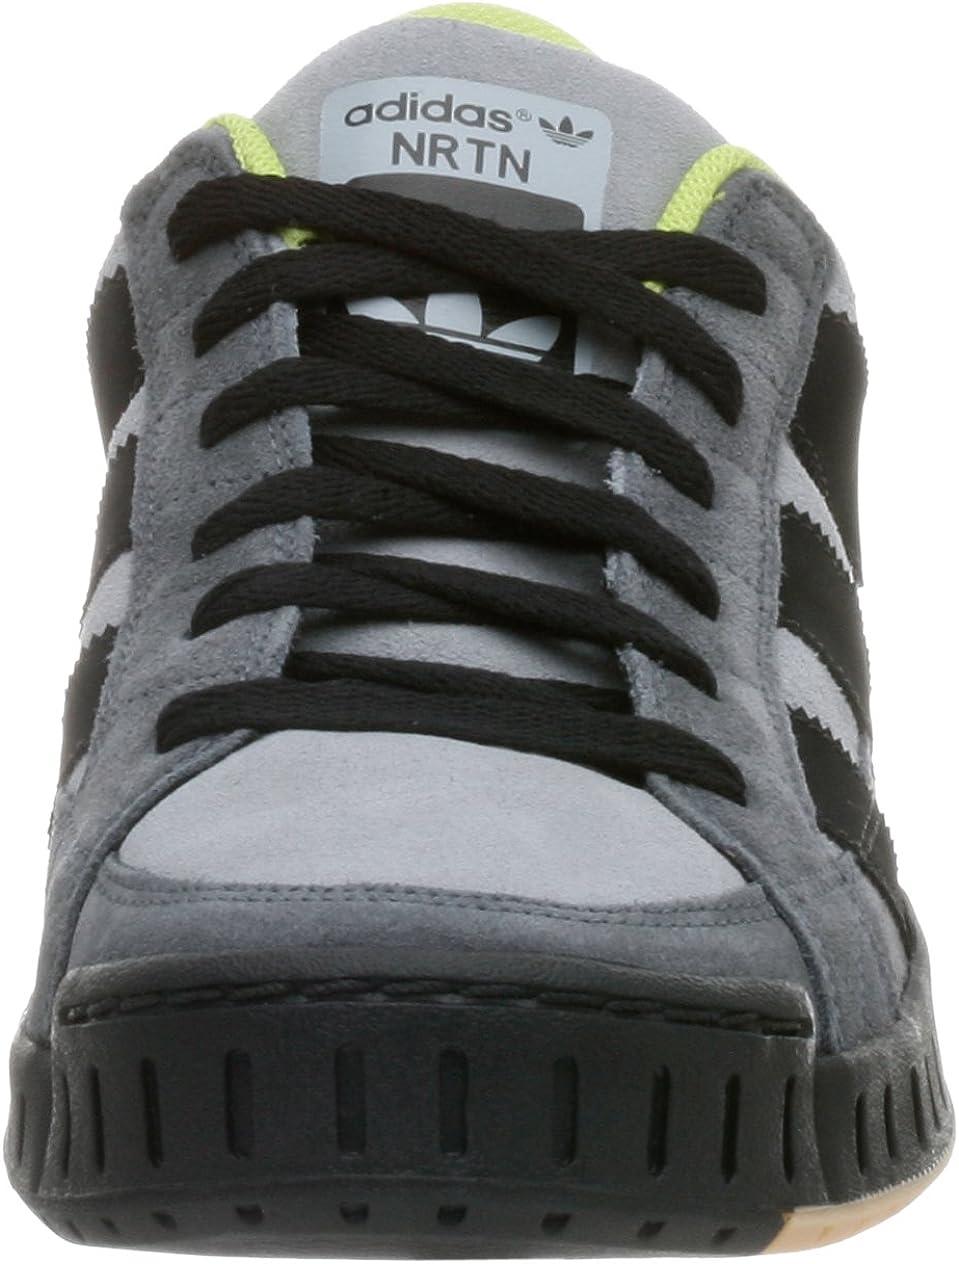 Retocar Íntimo Falsificación  adidas Originals Men's NRTN Sneaker, Black/Lead/Silver, 13 M: Amazon.co.uk:  Shoes & Bags